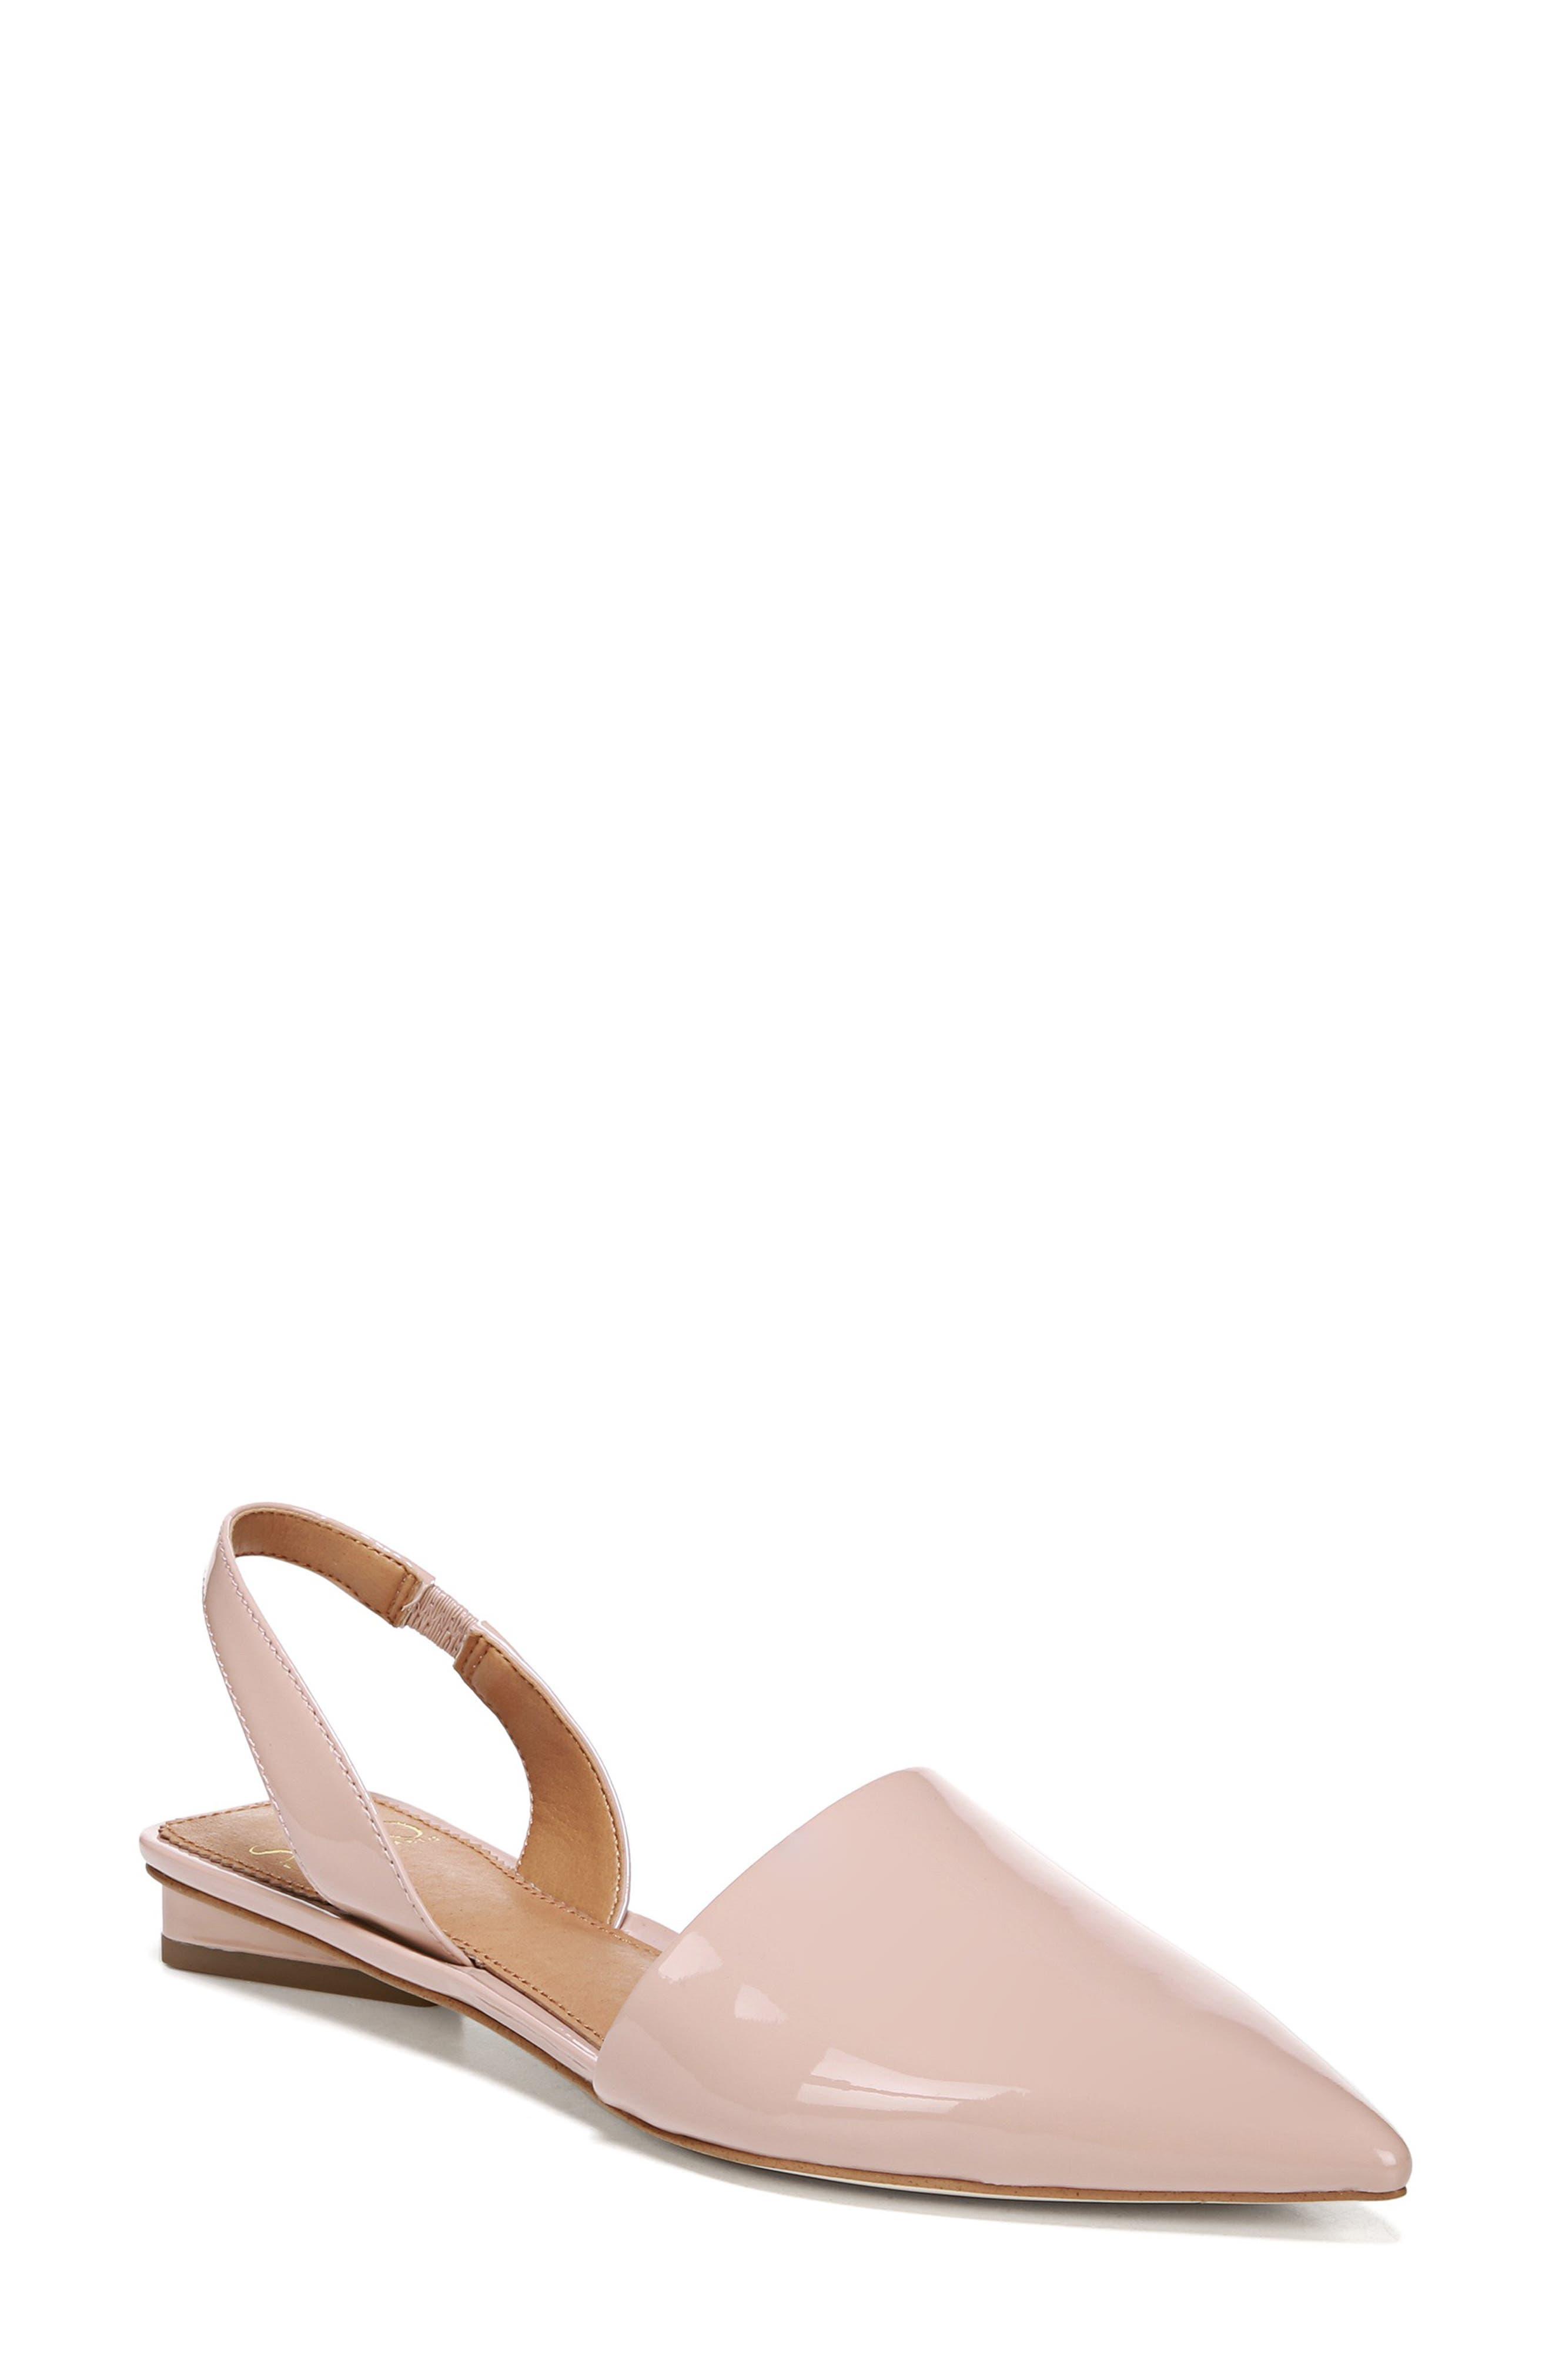 Sarto By Franco Sarto Graydon Pointy Toe Slingback Flat- Pink